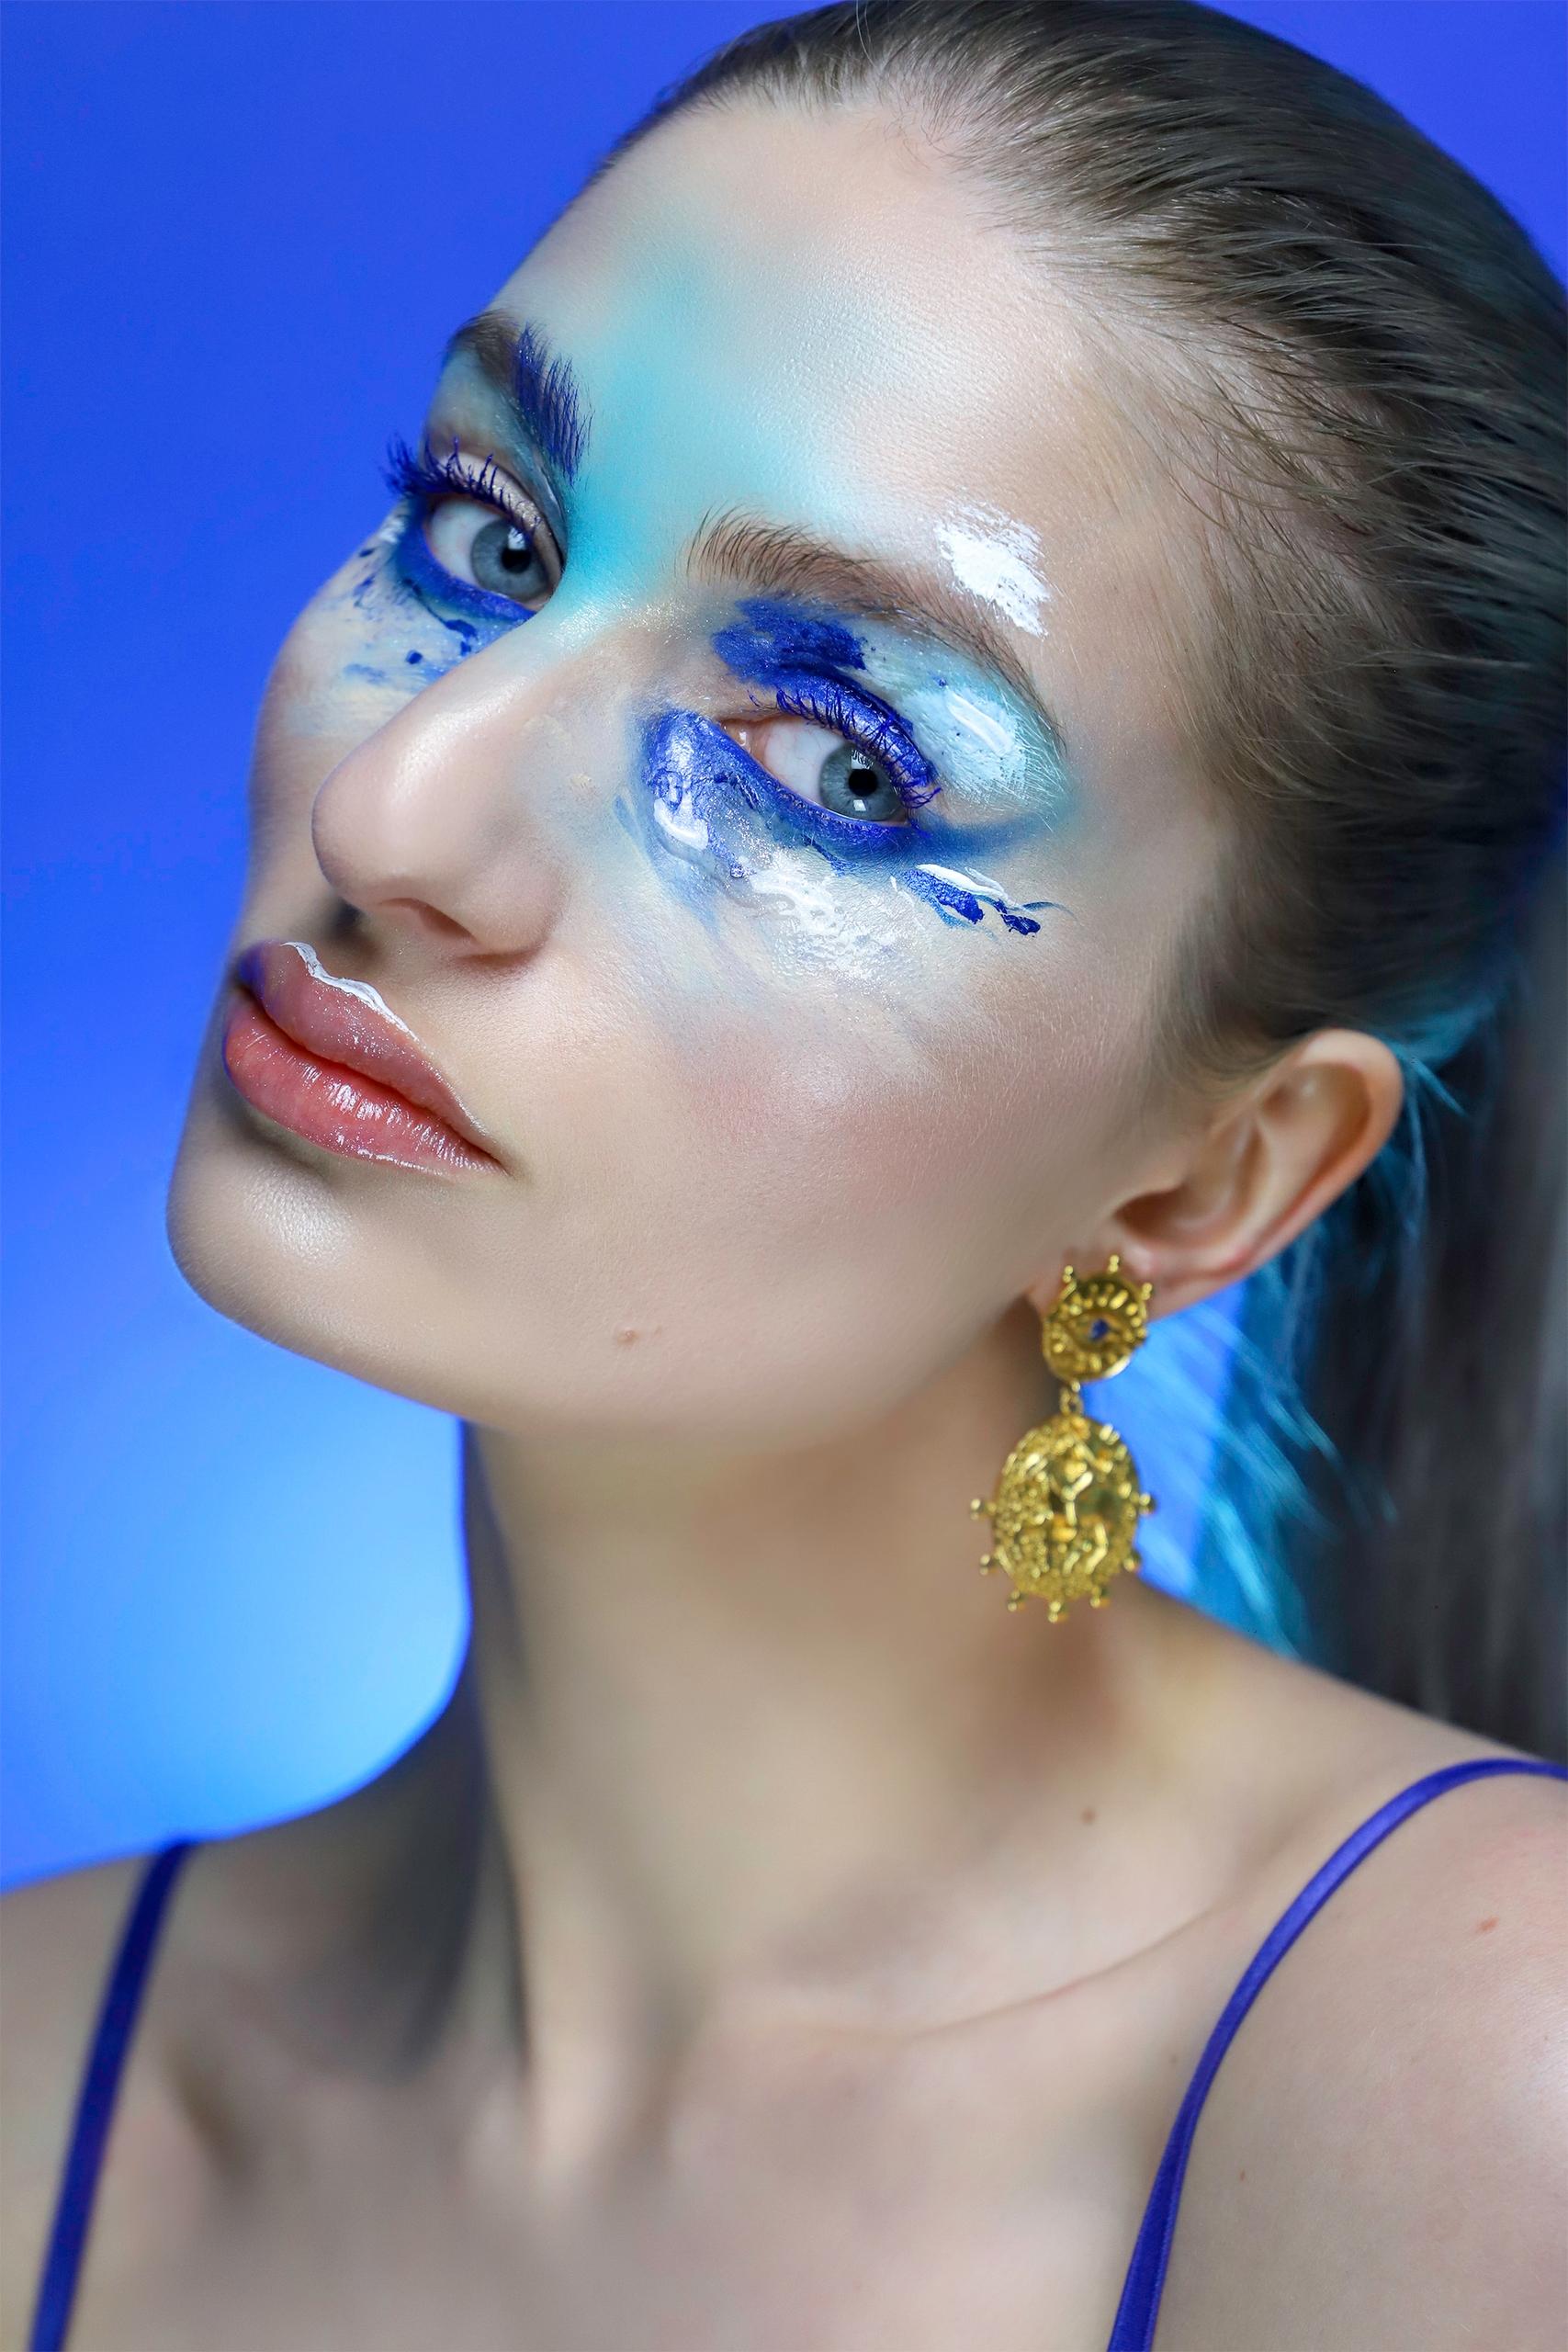 Zdjęcie przedstawia portret kobiety z przekrzywioną głową. Kobieta ma na twarzy artystyczny makijaż w niebieskich odcieniach. Całość na niebieskim tle.